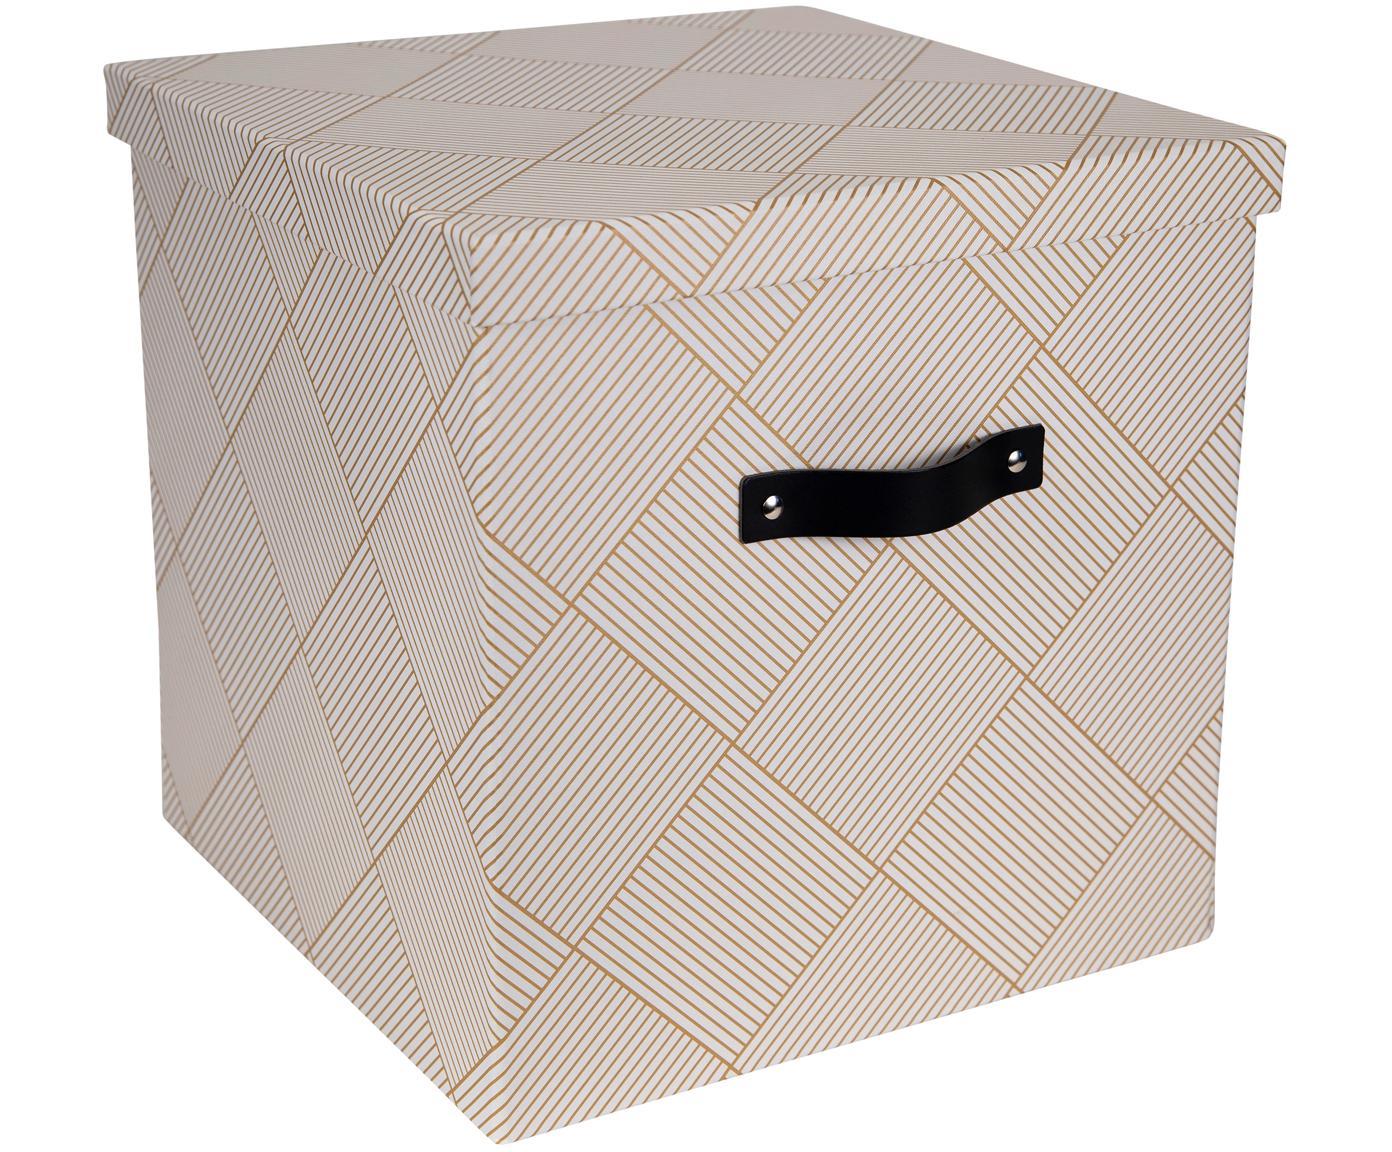 Scatola con coperchio Texas, Scatola: solido, cartone laminato, Manico: pelle, Dorato, bianco, Larg. 32 x Alt. 31 cm